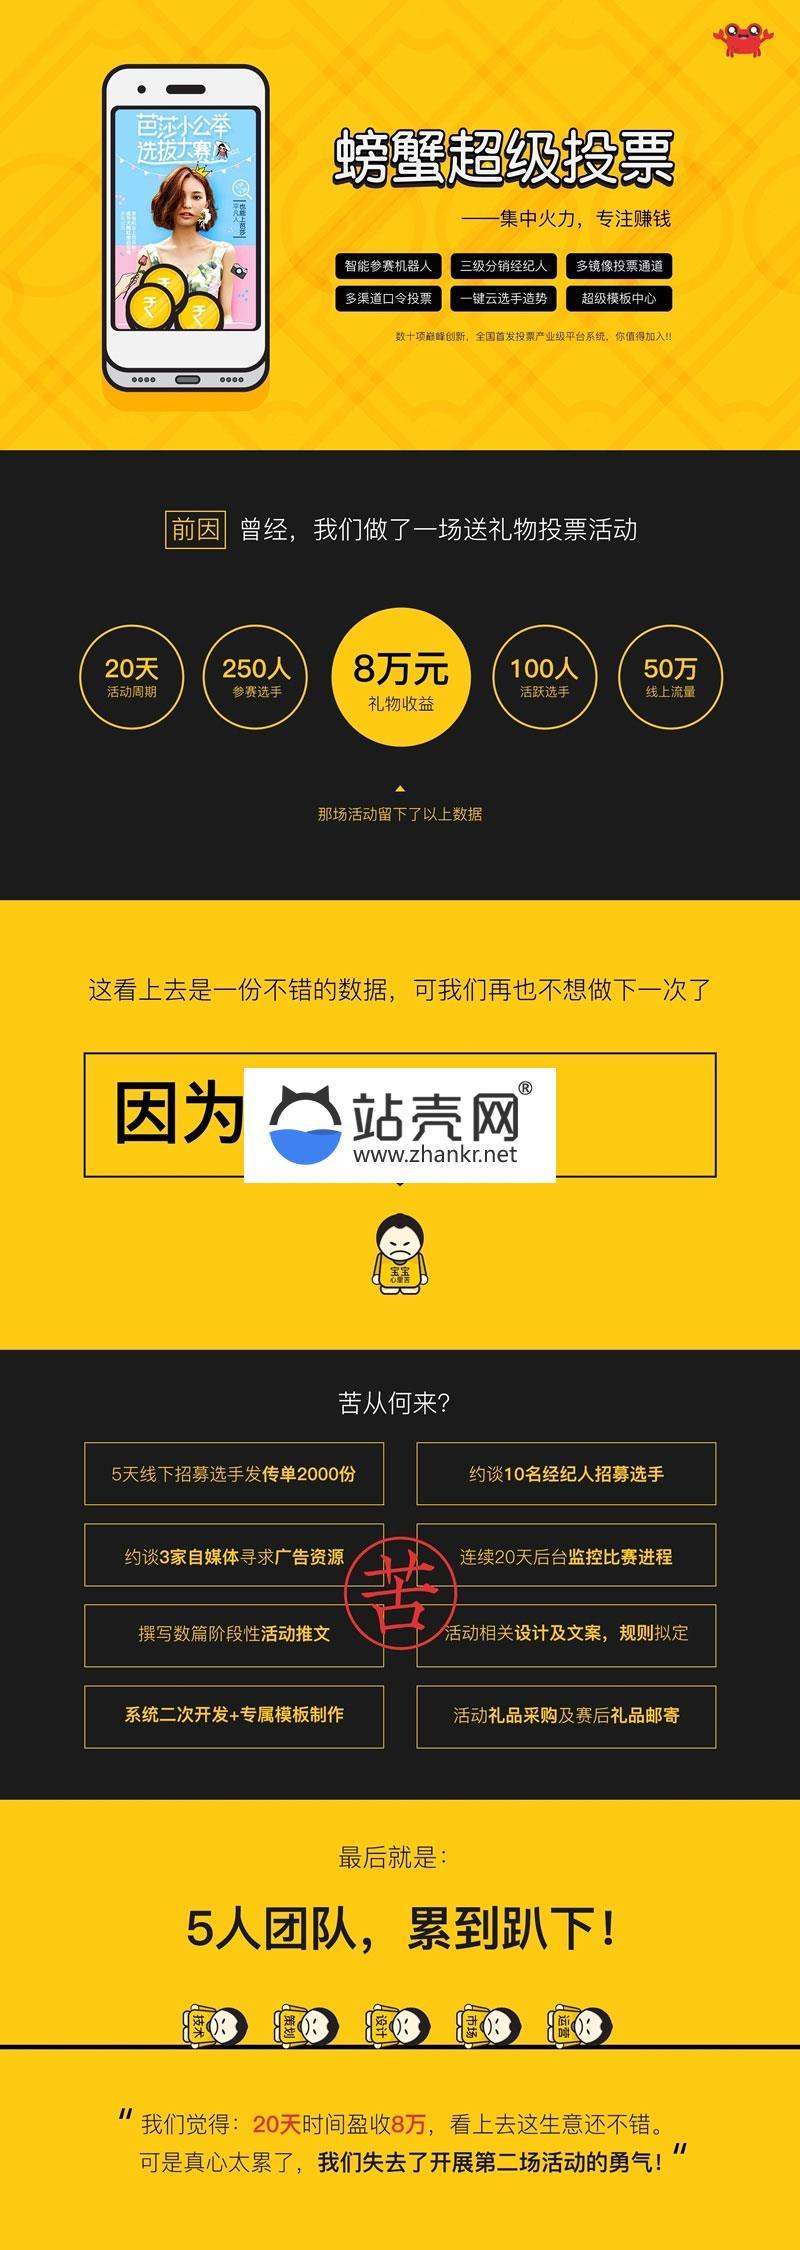 <i></i>功能模块 螃蟹投票V1.8.5 原版_源码下载